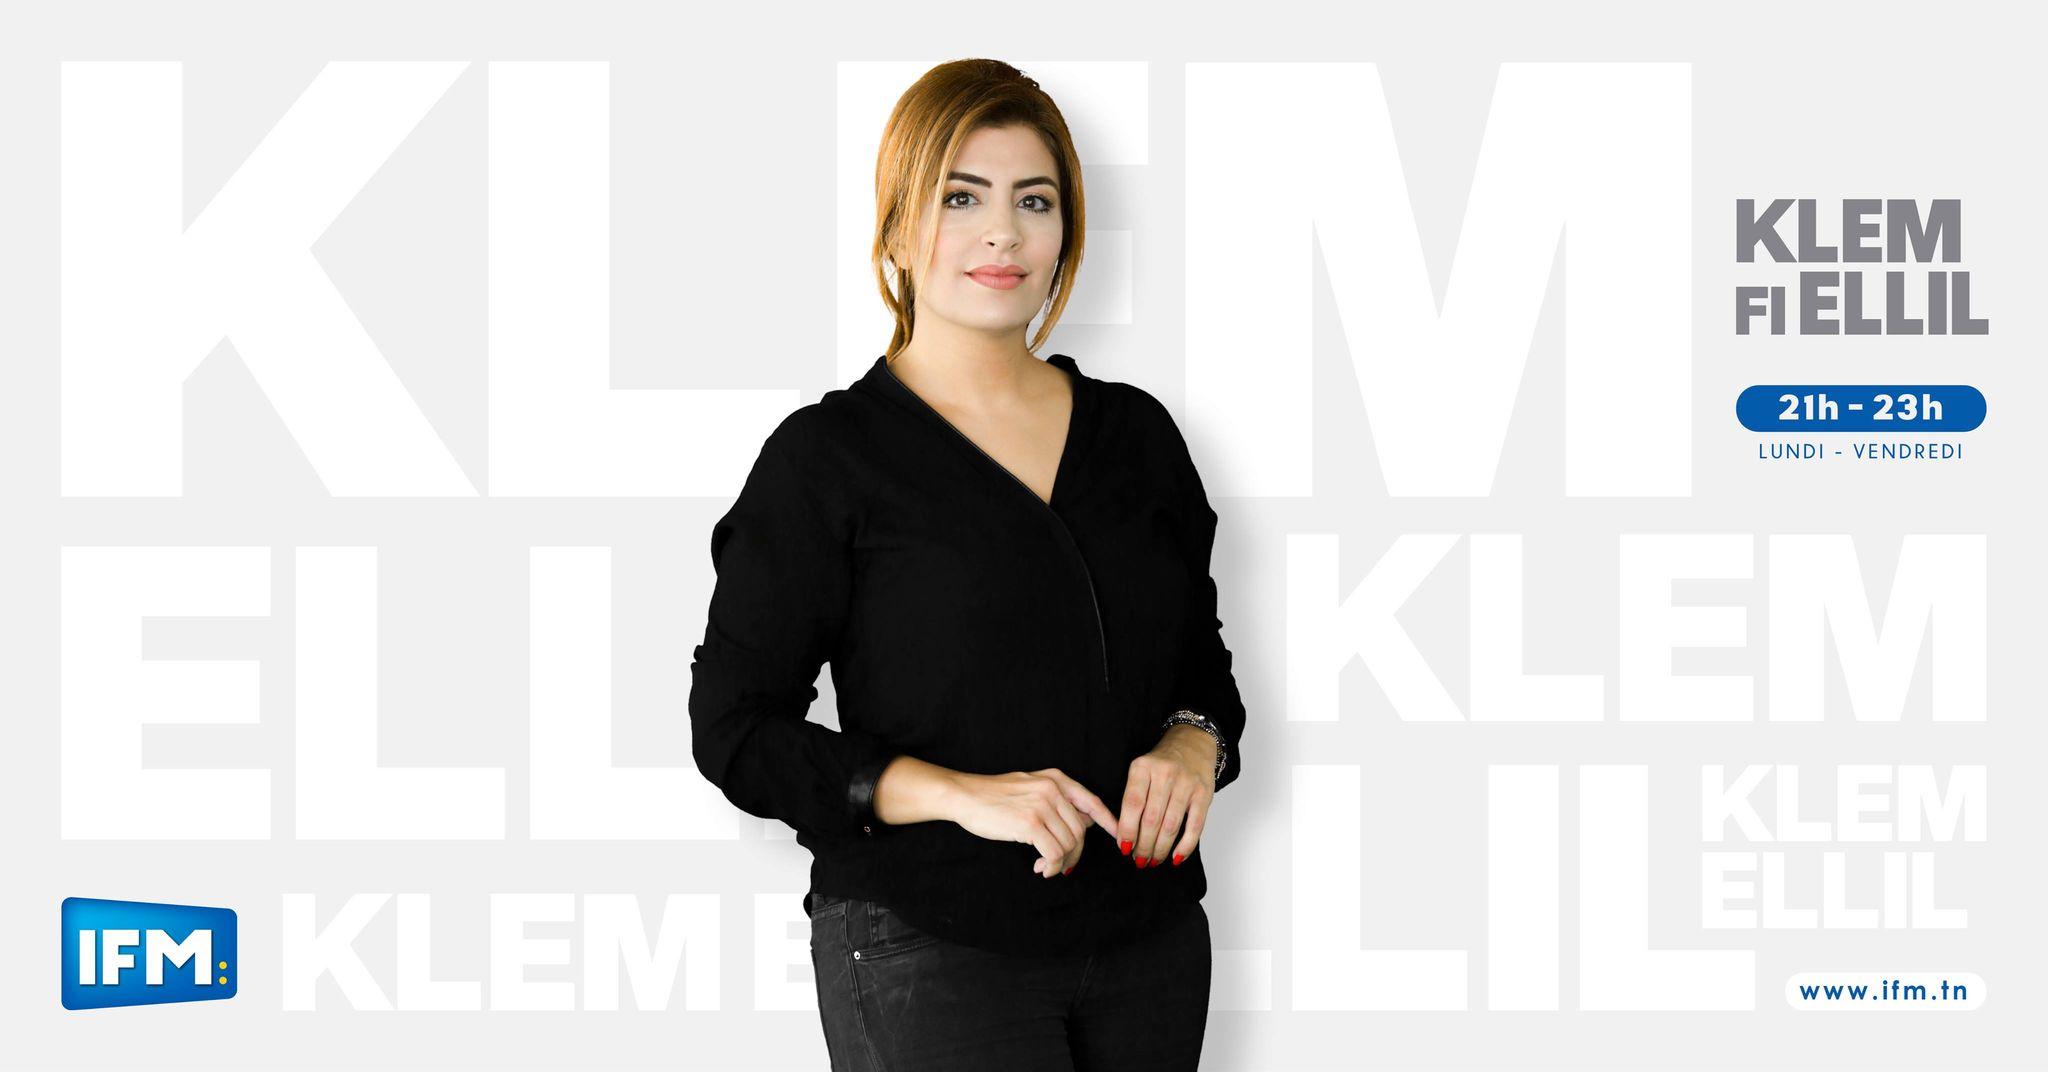 klem fi lil du 19 janvier 2021 Klem Fi Ellil